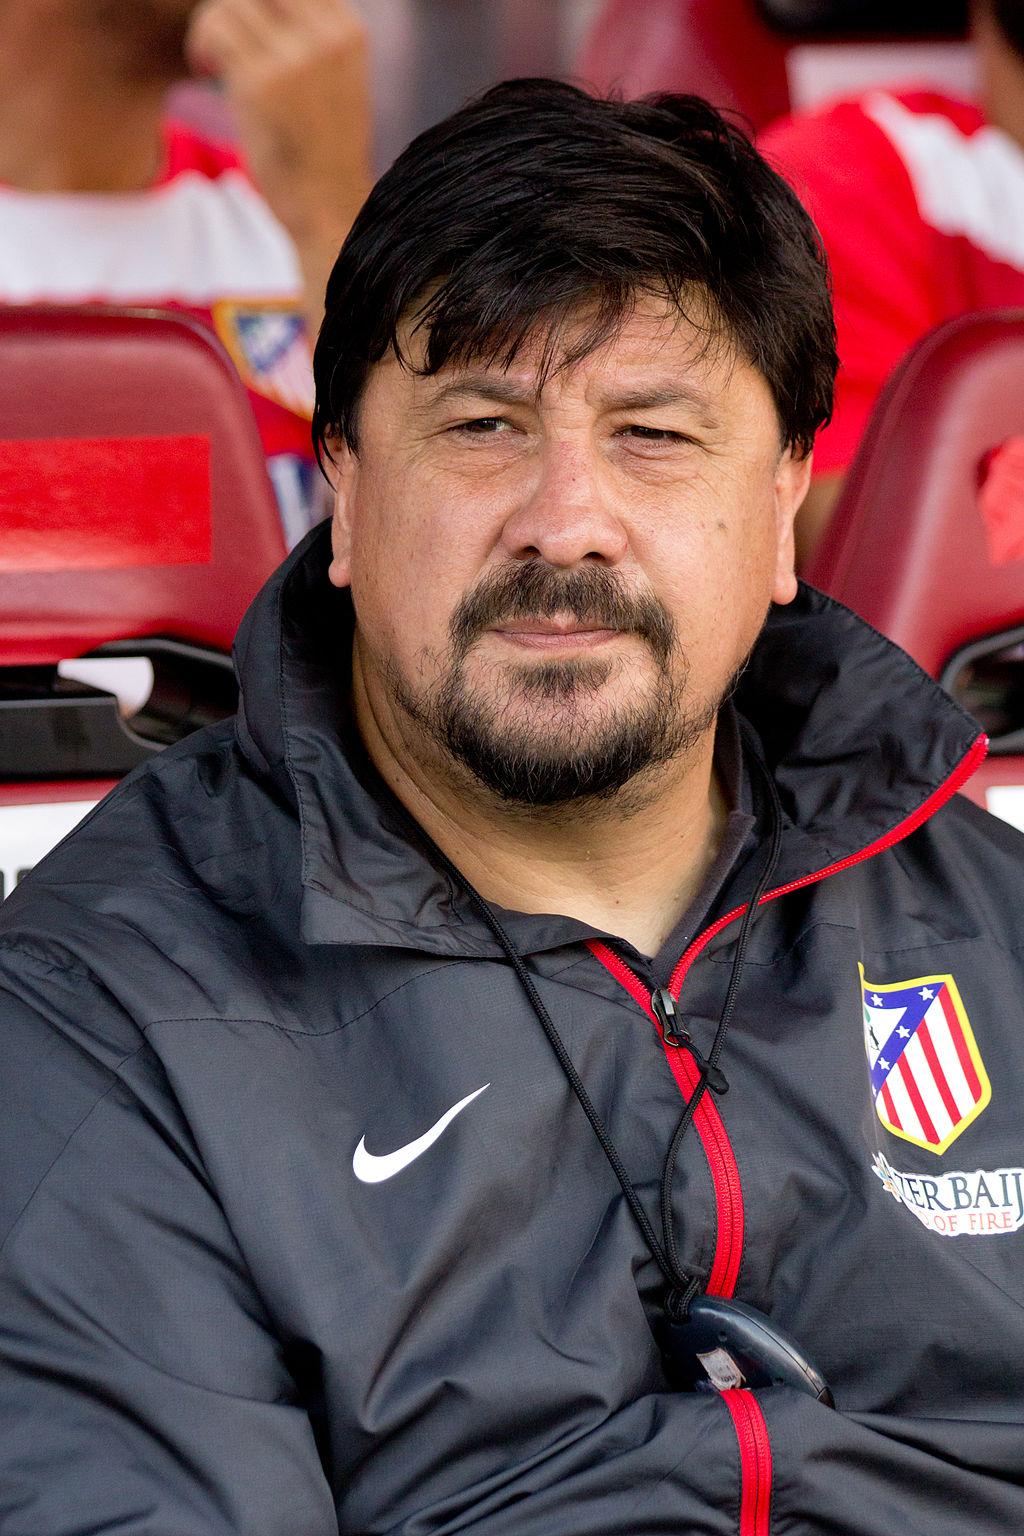 جيرمان بورغوس, دييجو سيميوني, أتلتيكو مدريد